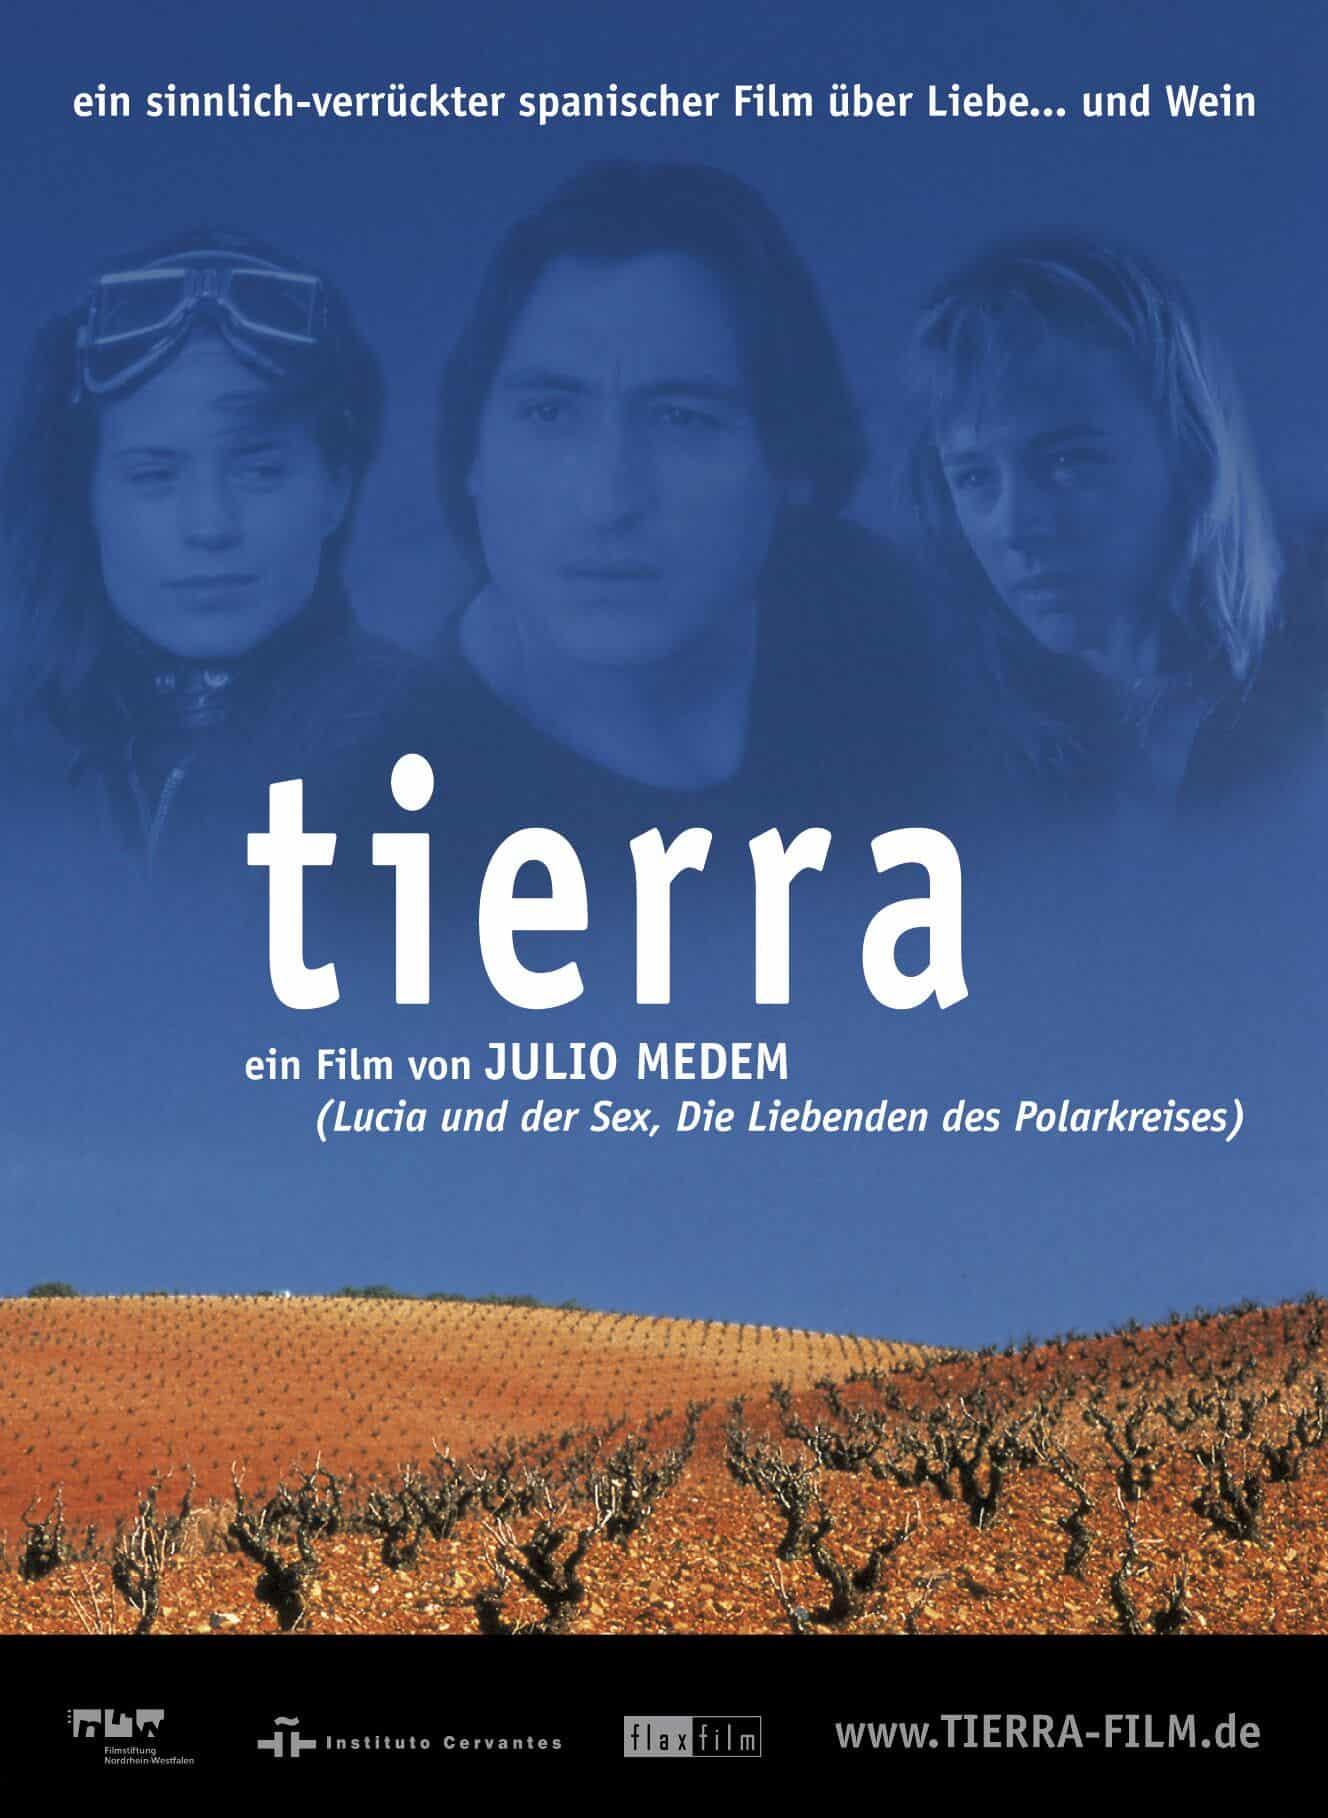 Earth (aka. Tierra) (1996) - cronică de F.F.